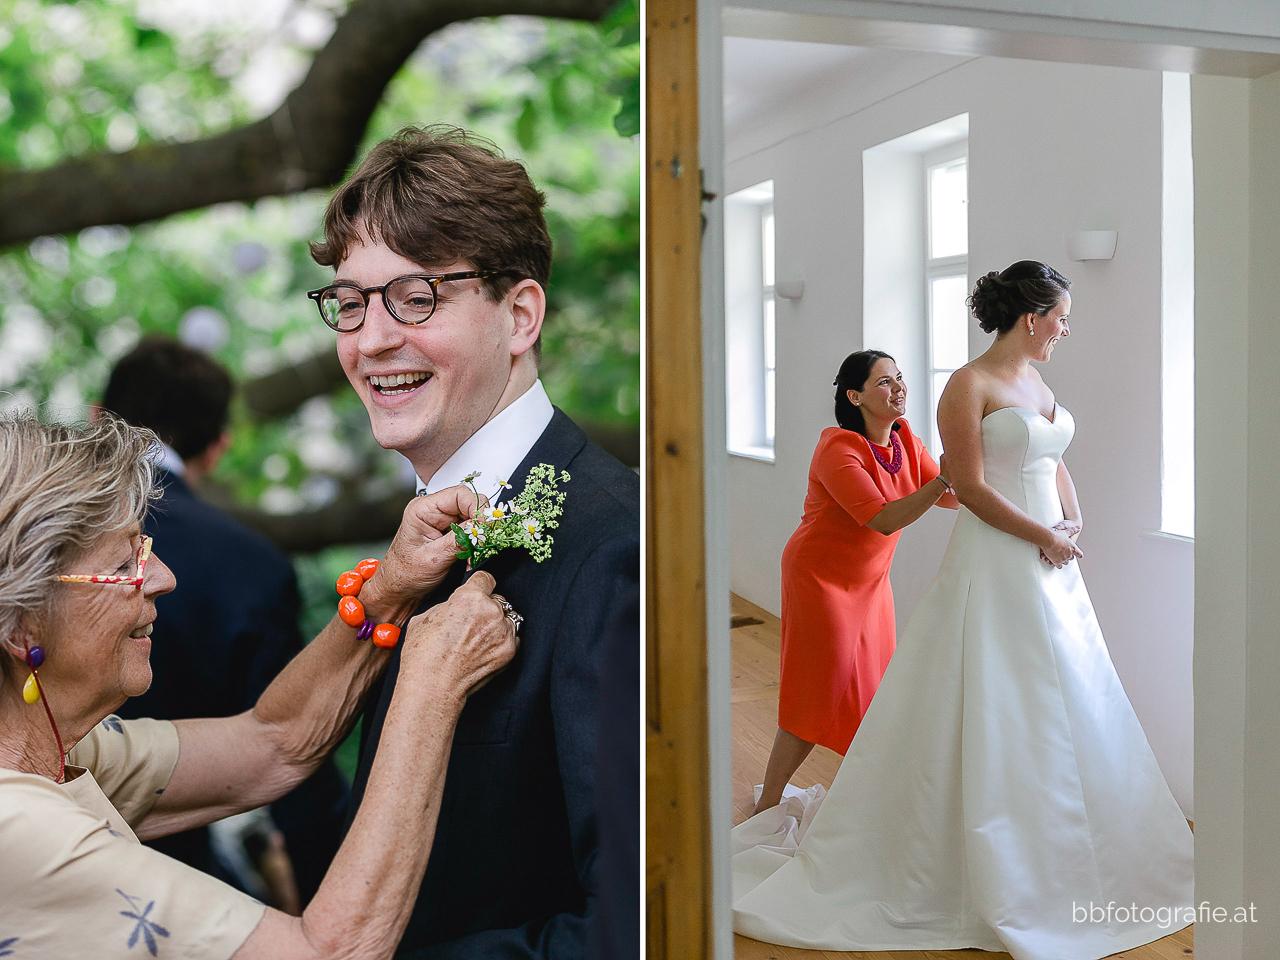 Hochzeitsfotograf, Hochzeitsfotograf Niederösterreich, Hochzeitslocation Niederösterreich, Getting-Ready, Hochzeitslocation Gut Oberstockstall, Hochzeit kleine Kapelle, Gartenhochzeit, b&b fotografie